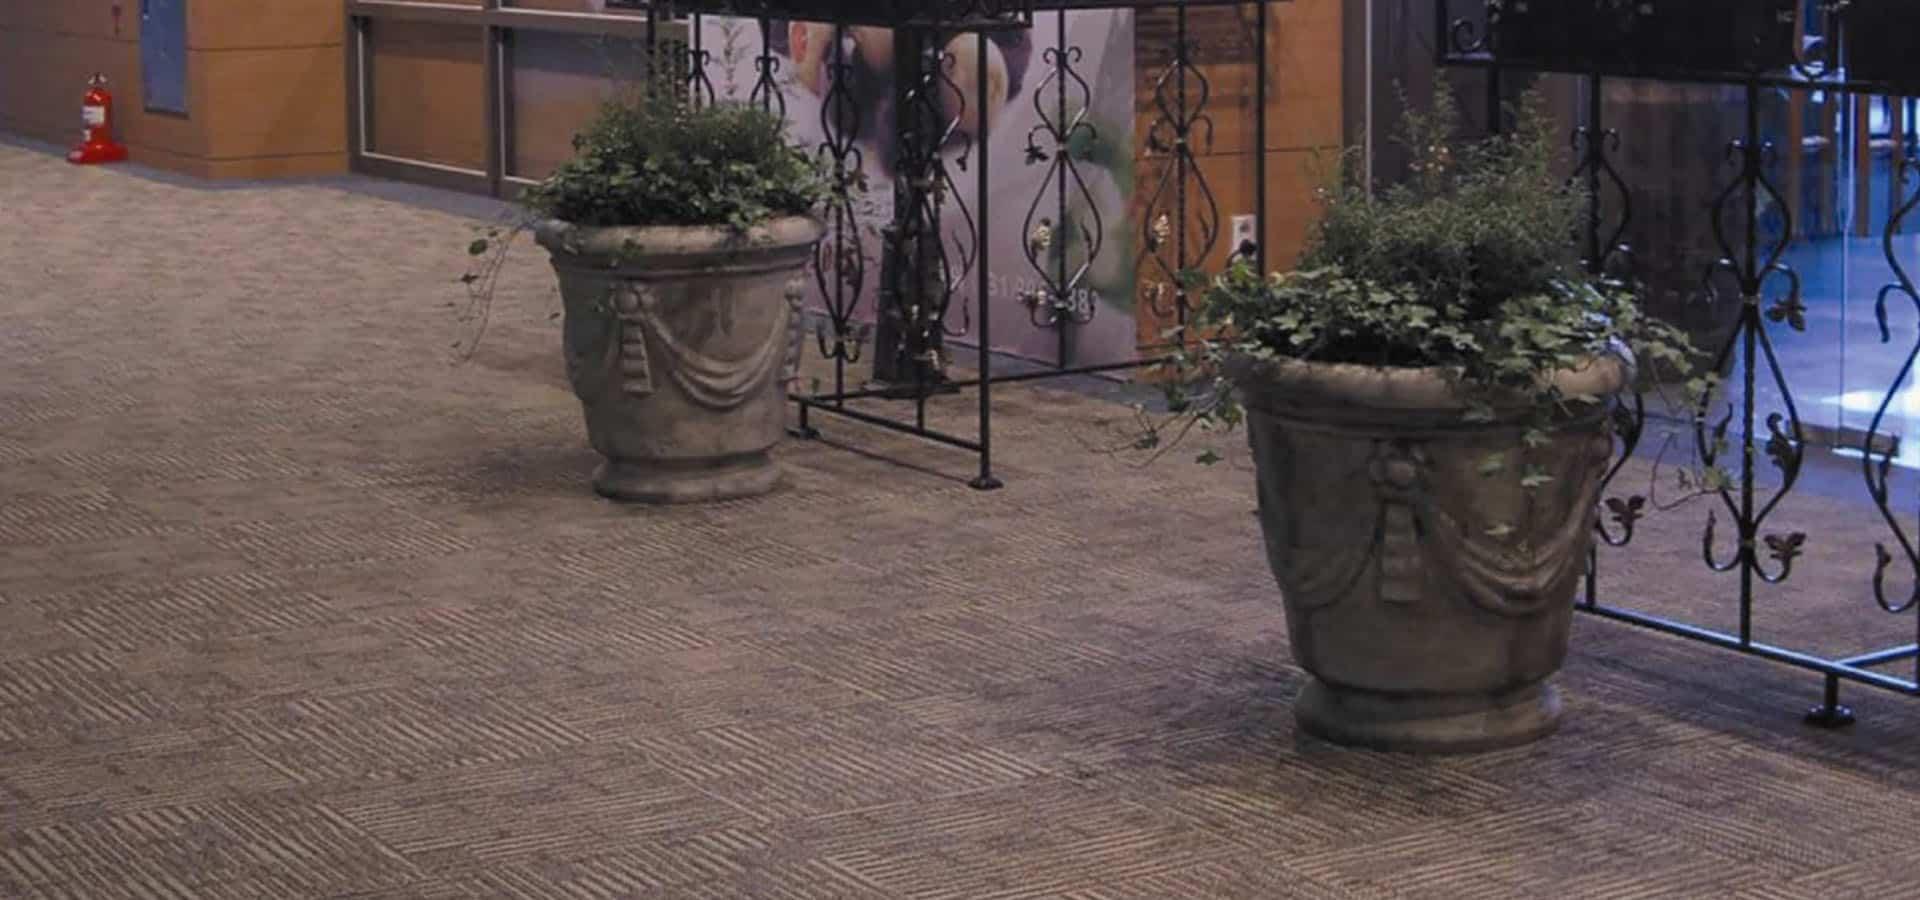 pisos-vinilicos-carpet-tile-slide000